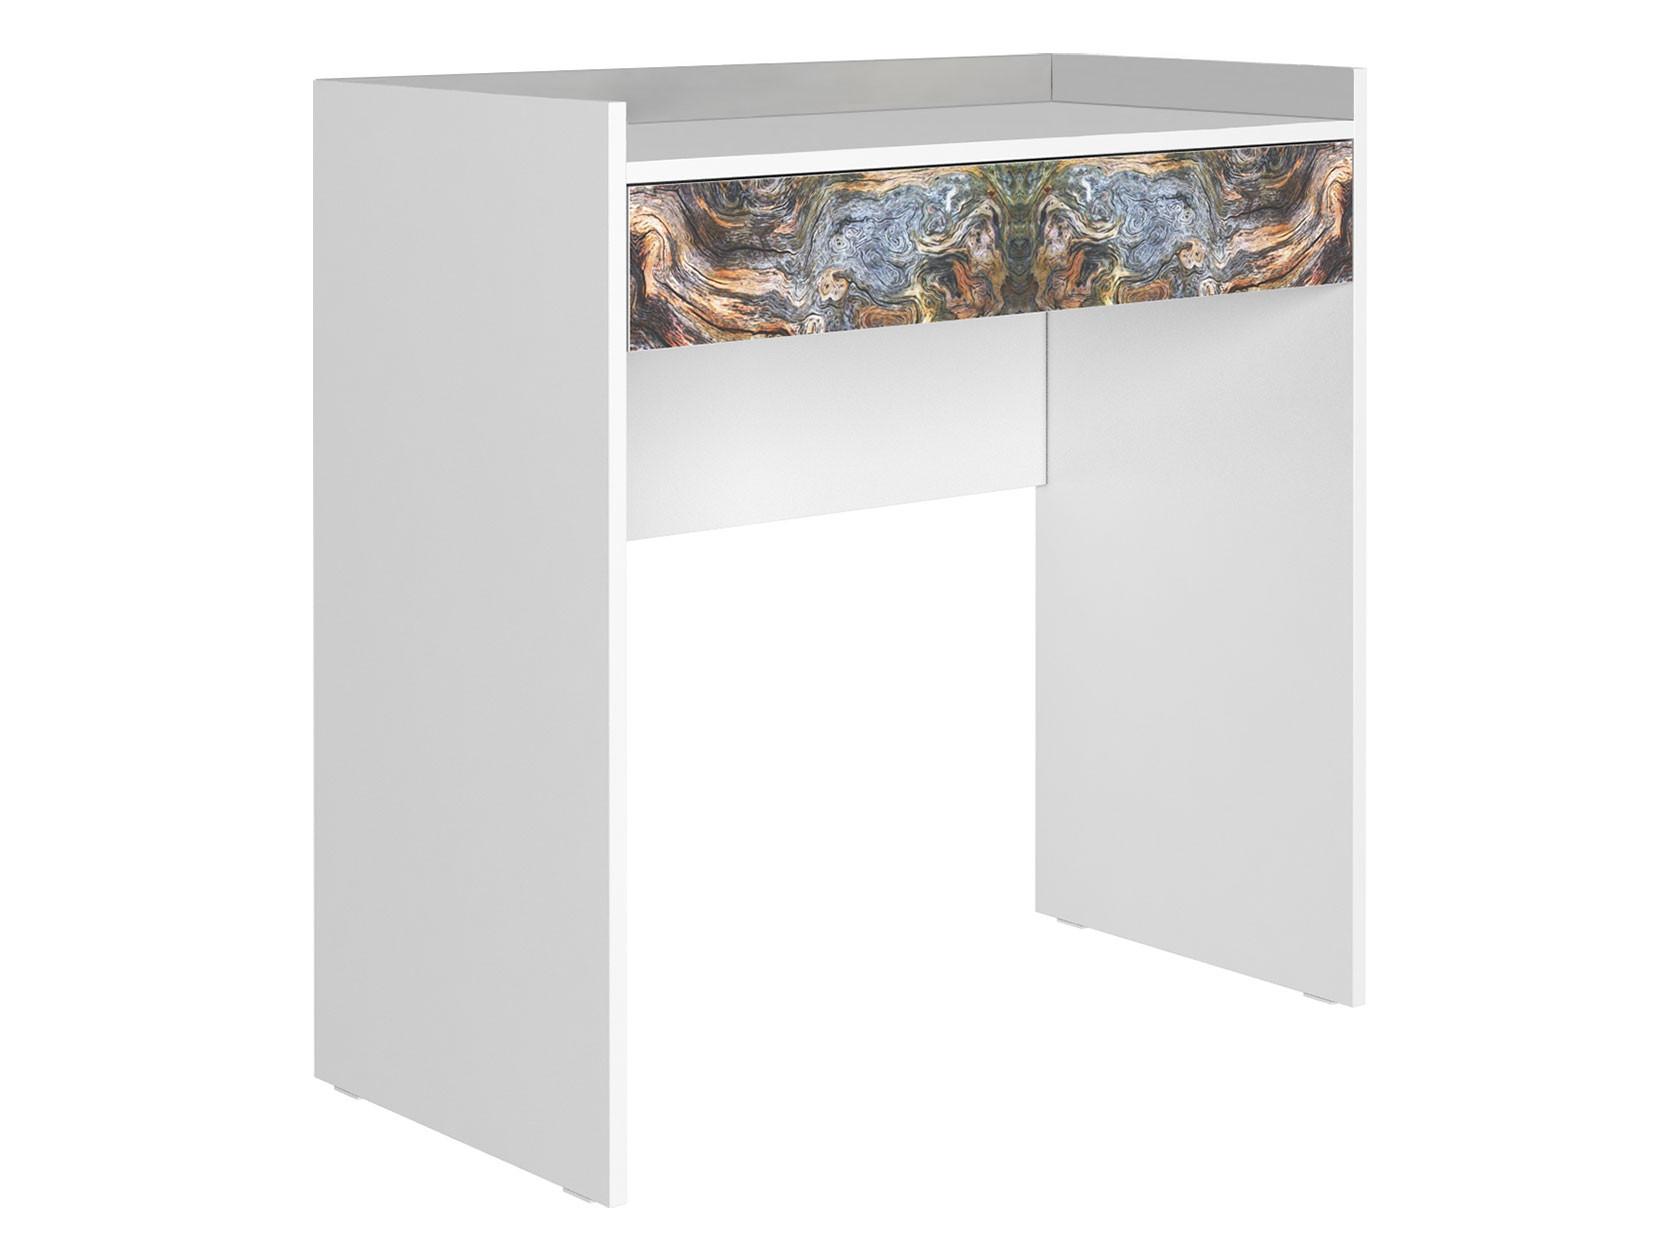 Туалетный столик Первый Мебельный Стол туалетный Санта Моника ecc 01 cm стол туалетный шатура rimini ice